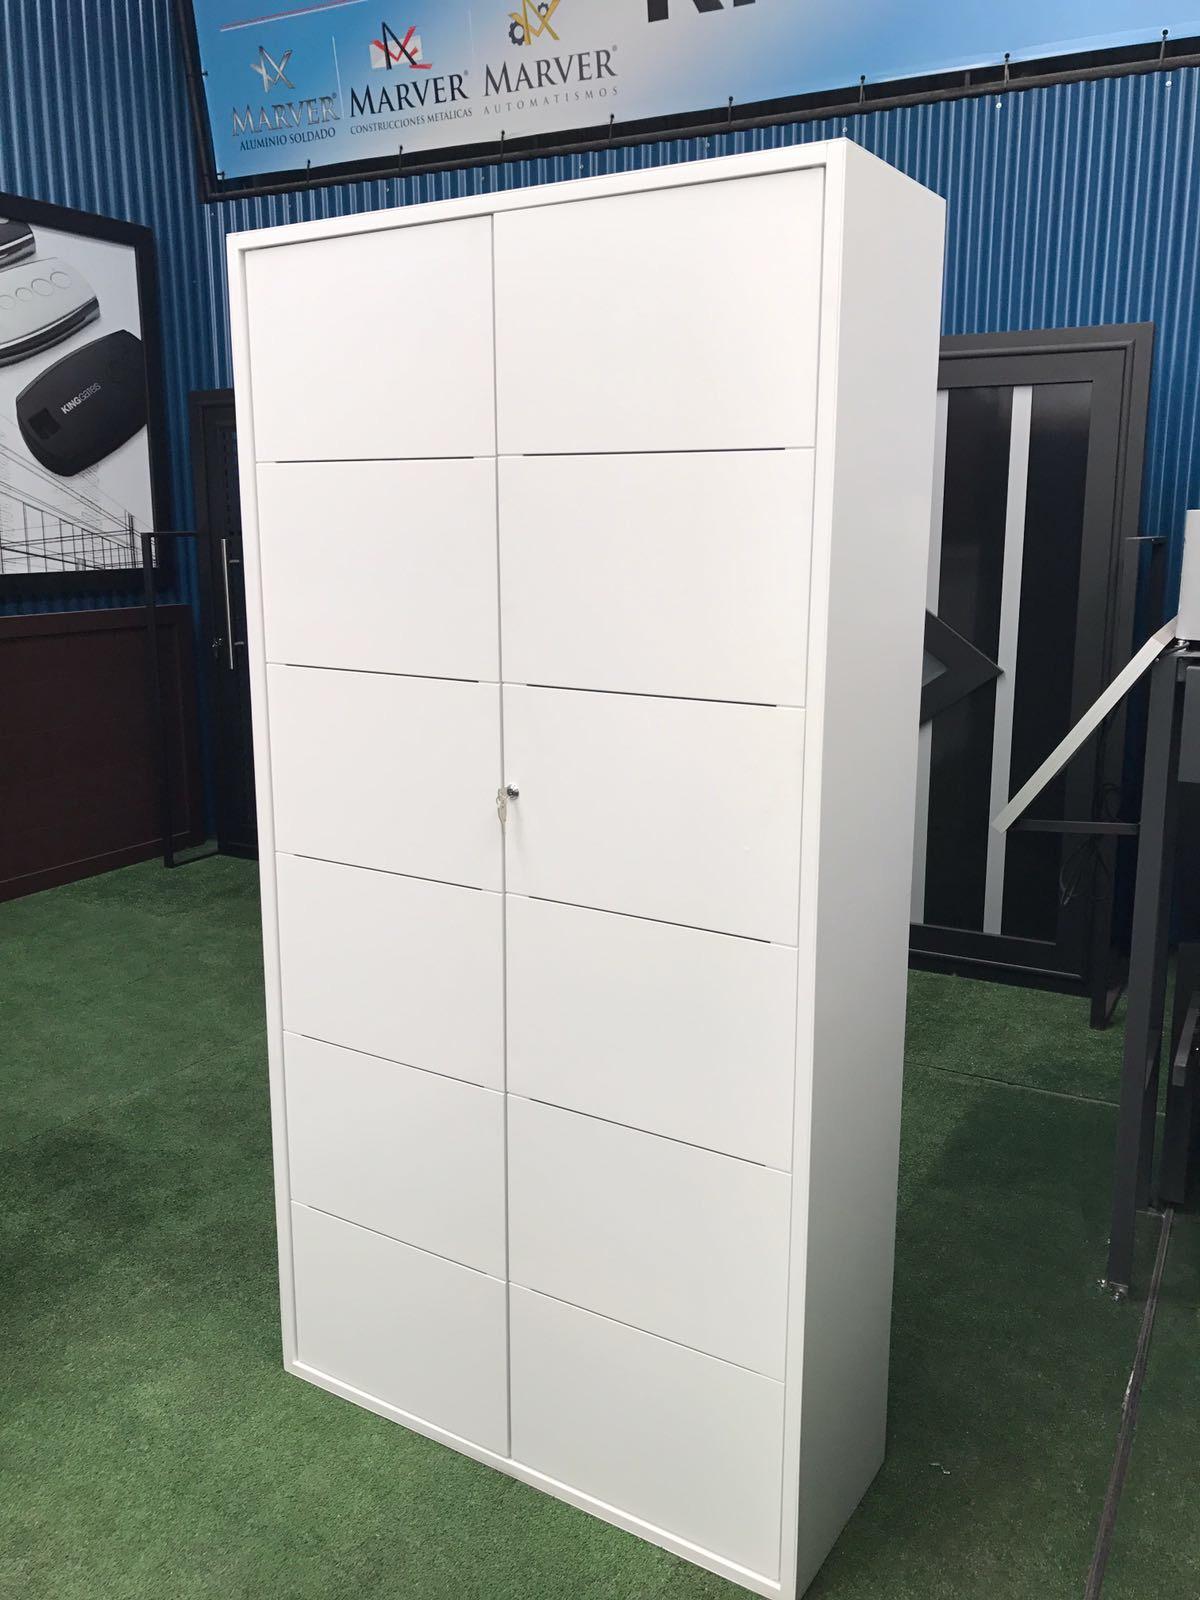 Muebles de dise o de aluminio soldado de la marca marver for Marca muebles diseno